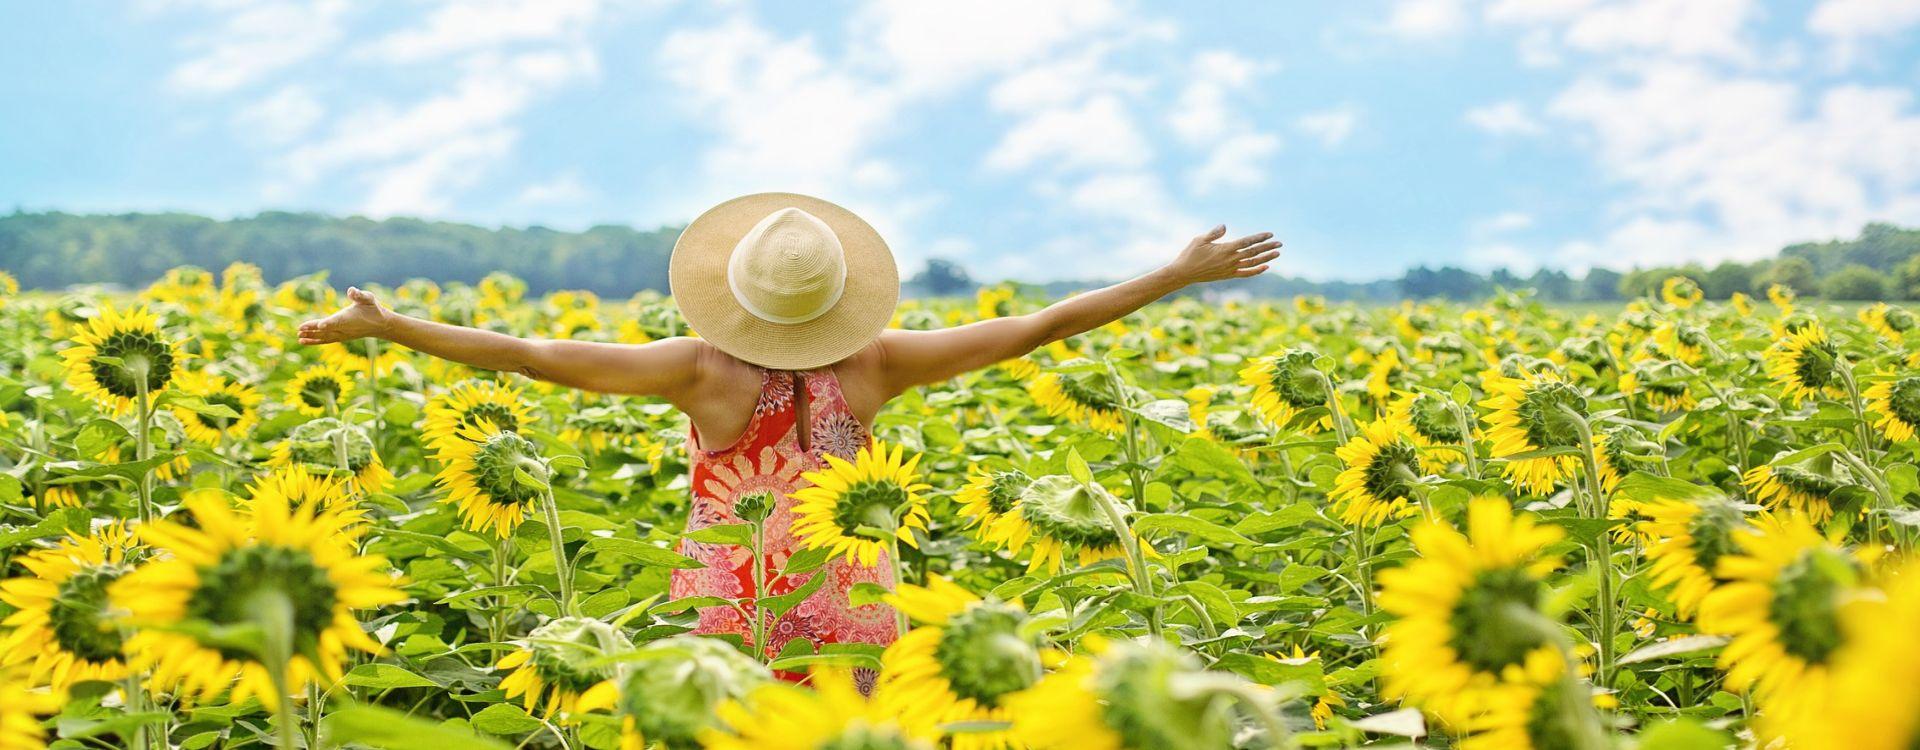 Frau in Sonnenblumen 1920x750